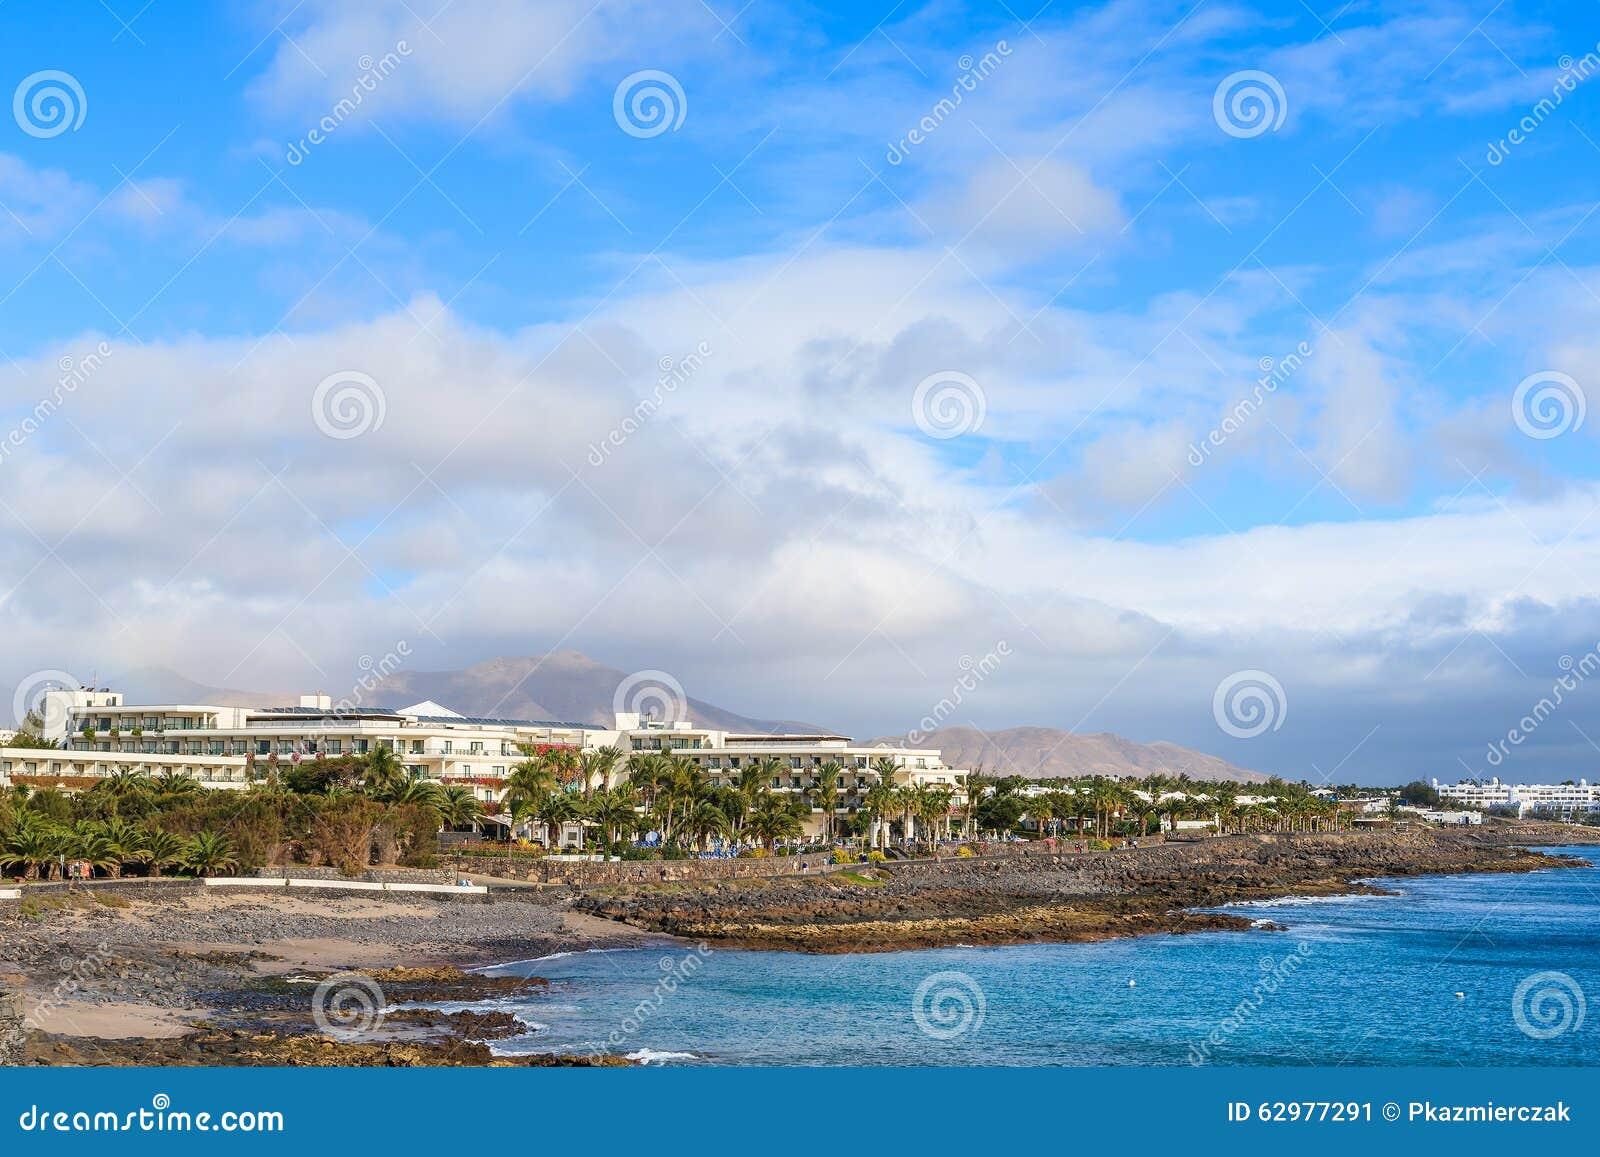 Hotel buildings on coast of lanzarote island stock photo for Designhotel lanzarote